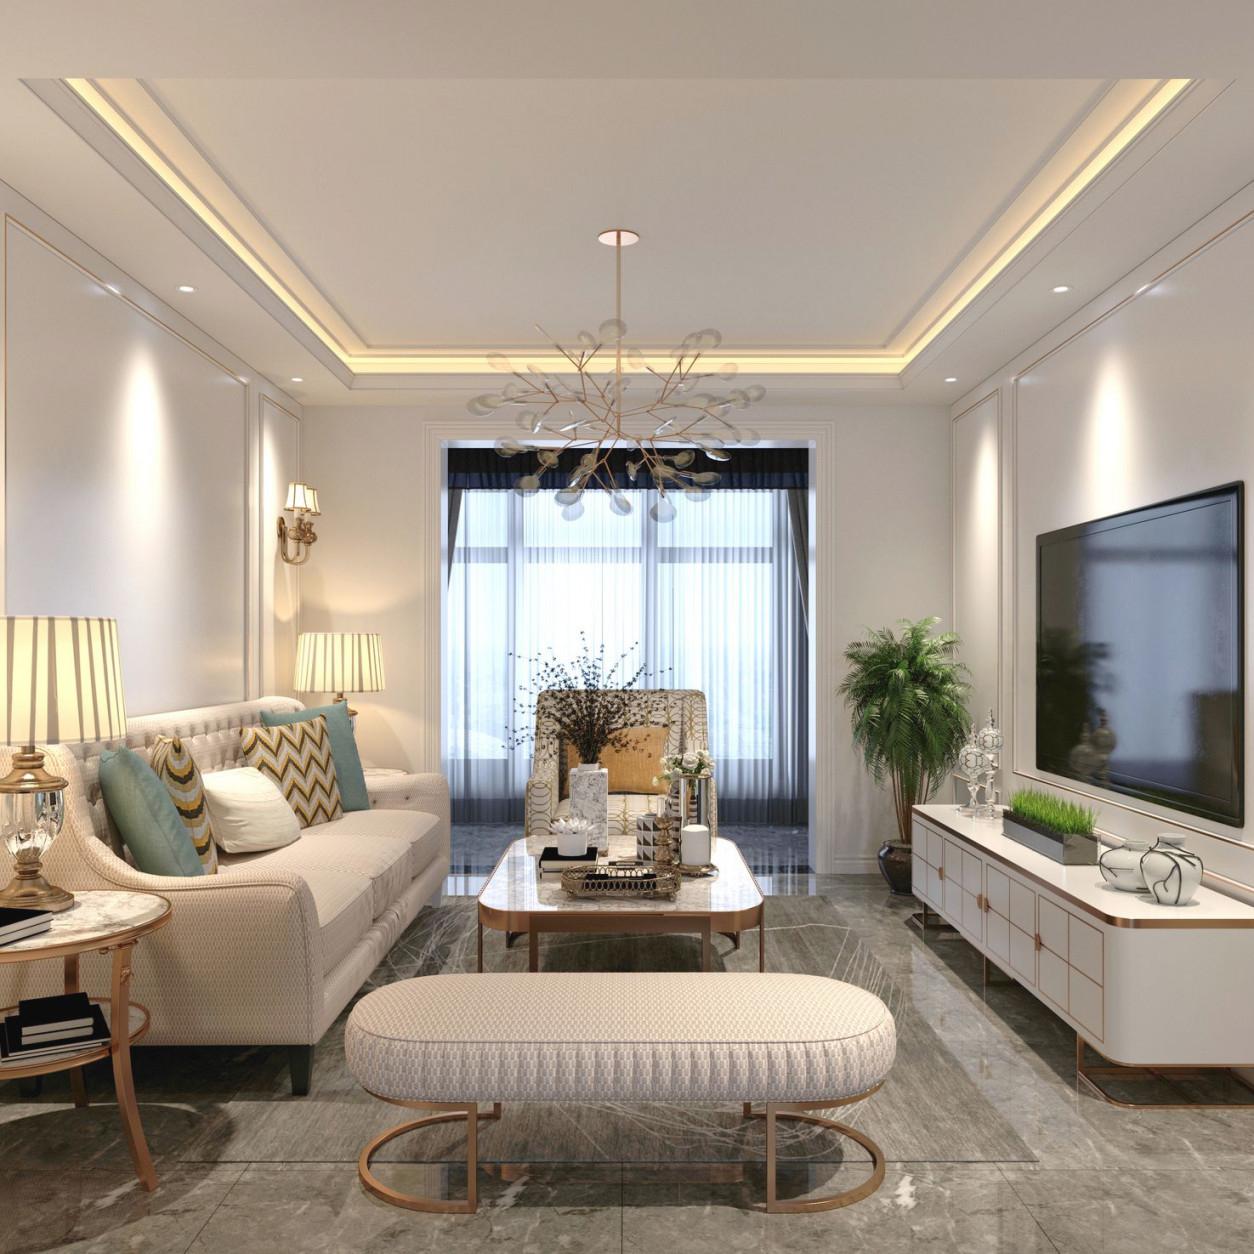 Living Room Lighting Ideas intended for Lighting Ideas For Living Room